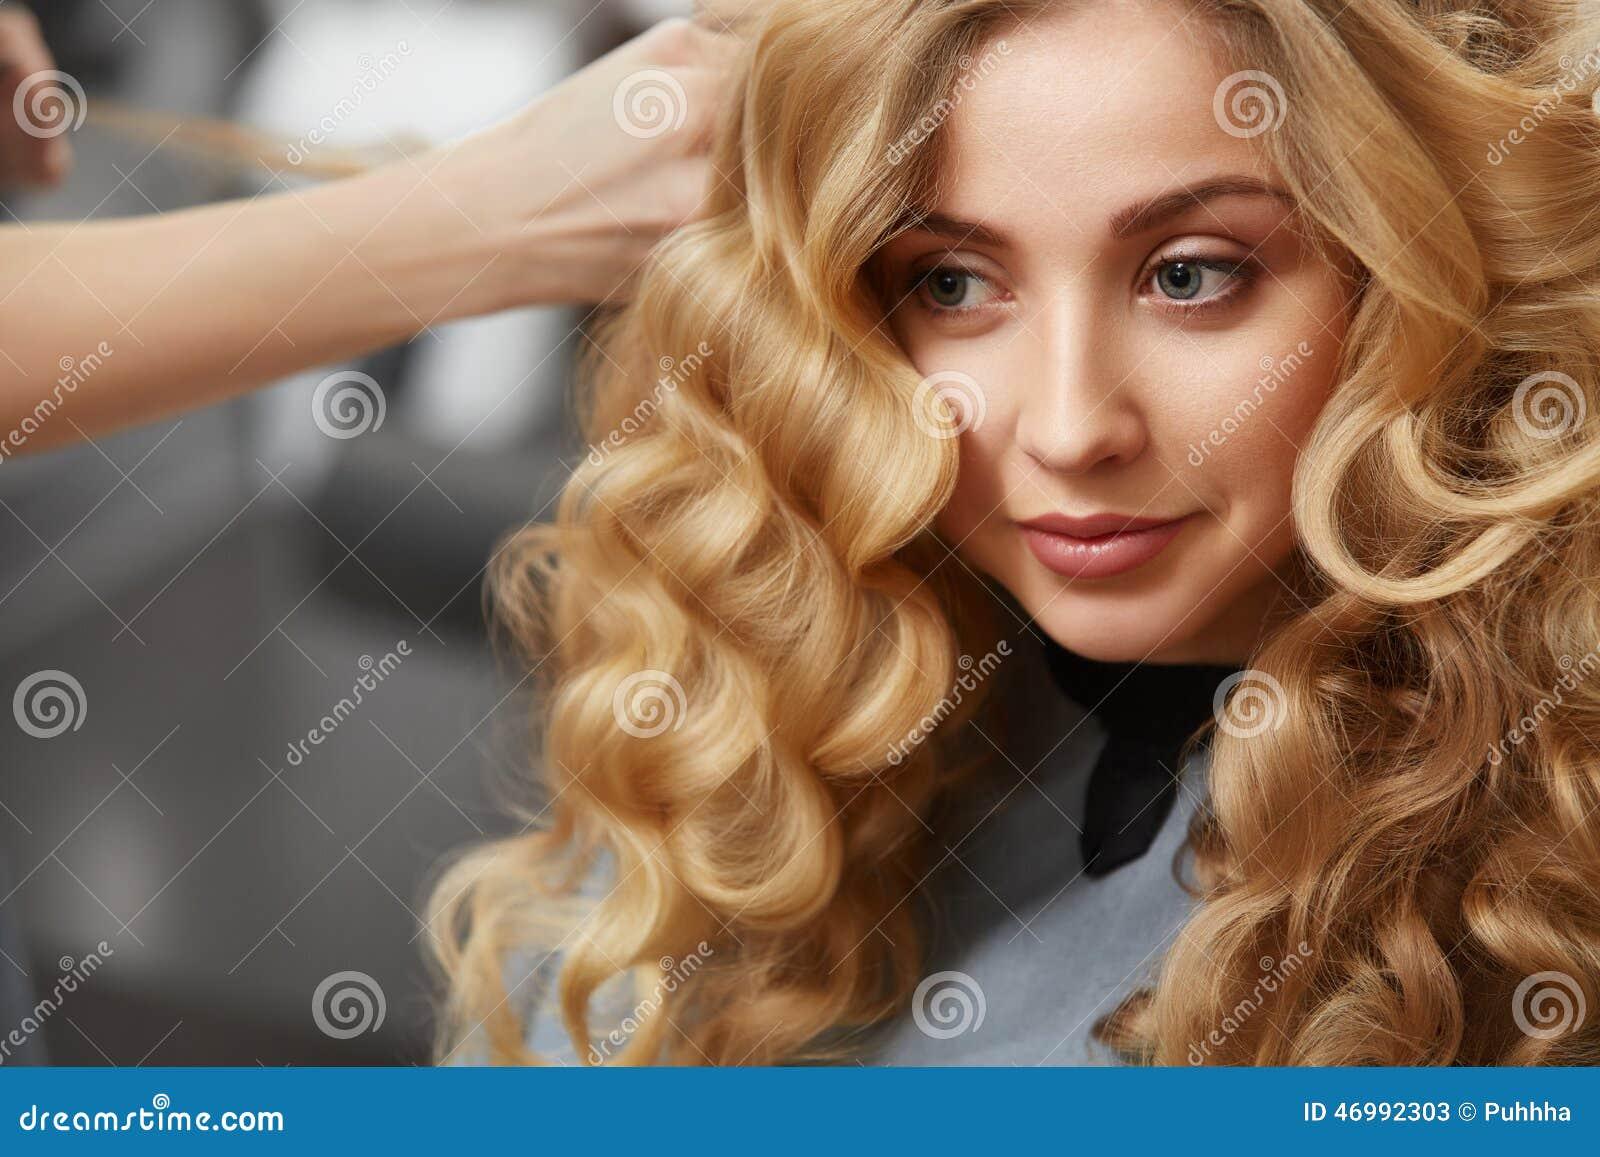 Blondes Lockiges Haar Friseur, Der Frisur Für Junge Frau I Tut ...